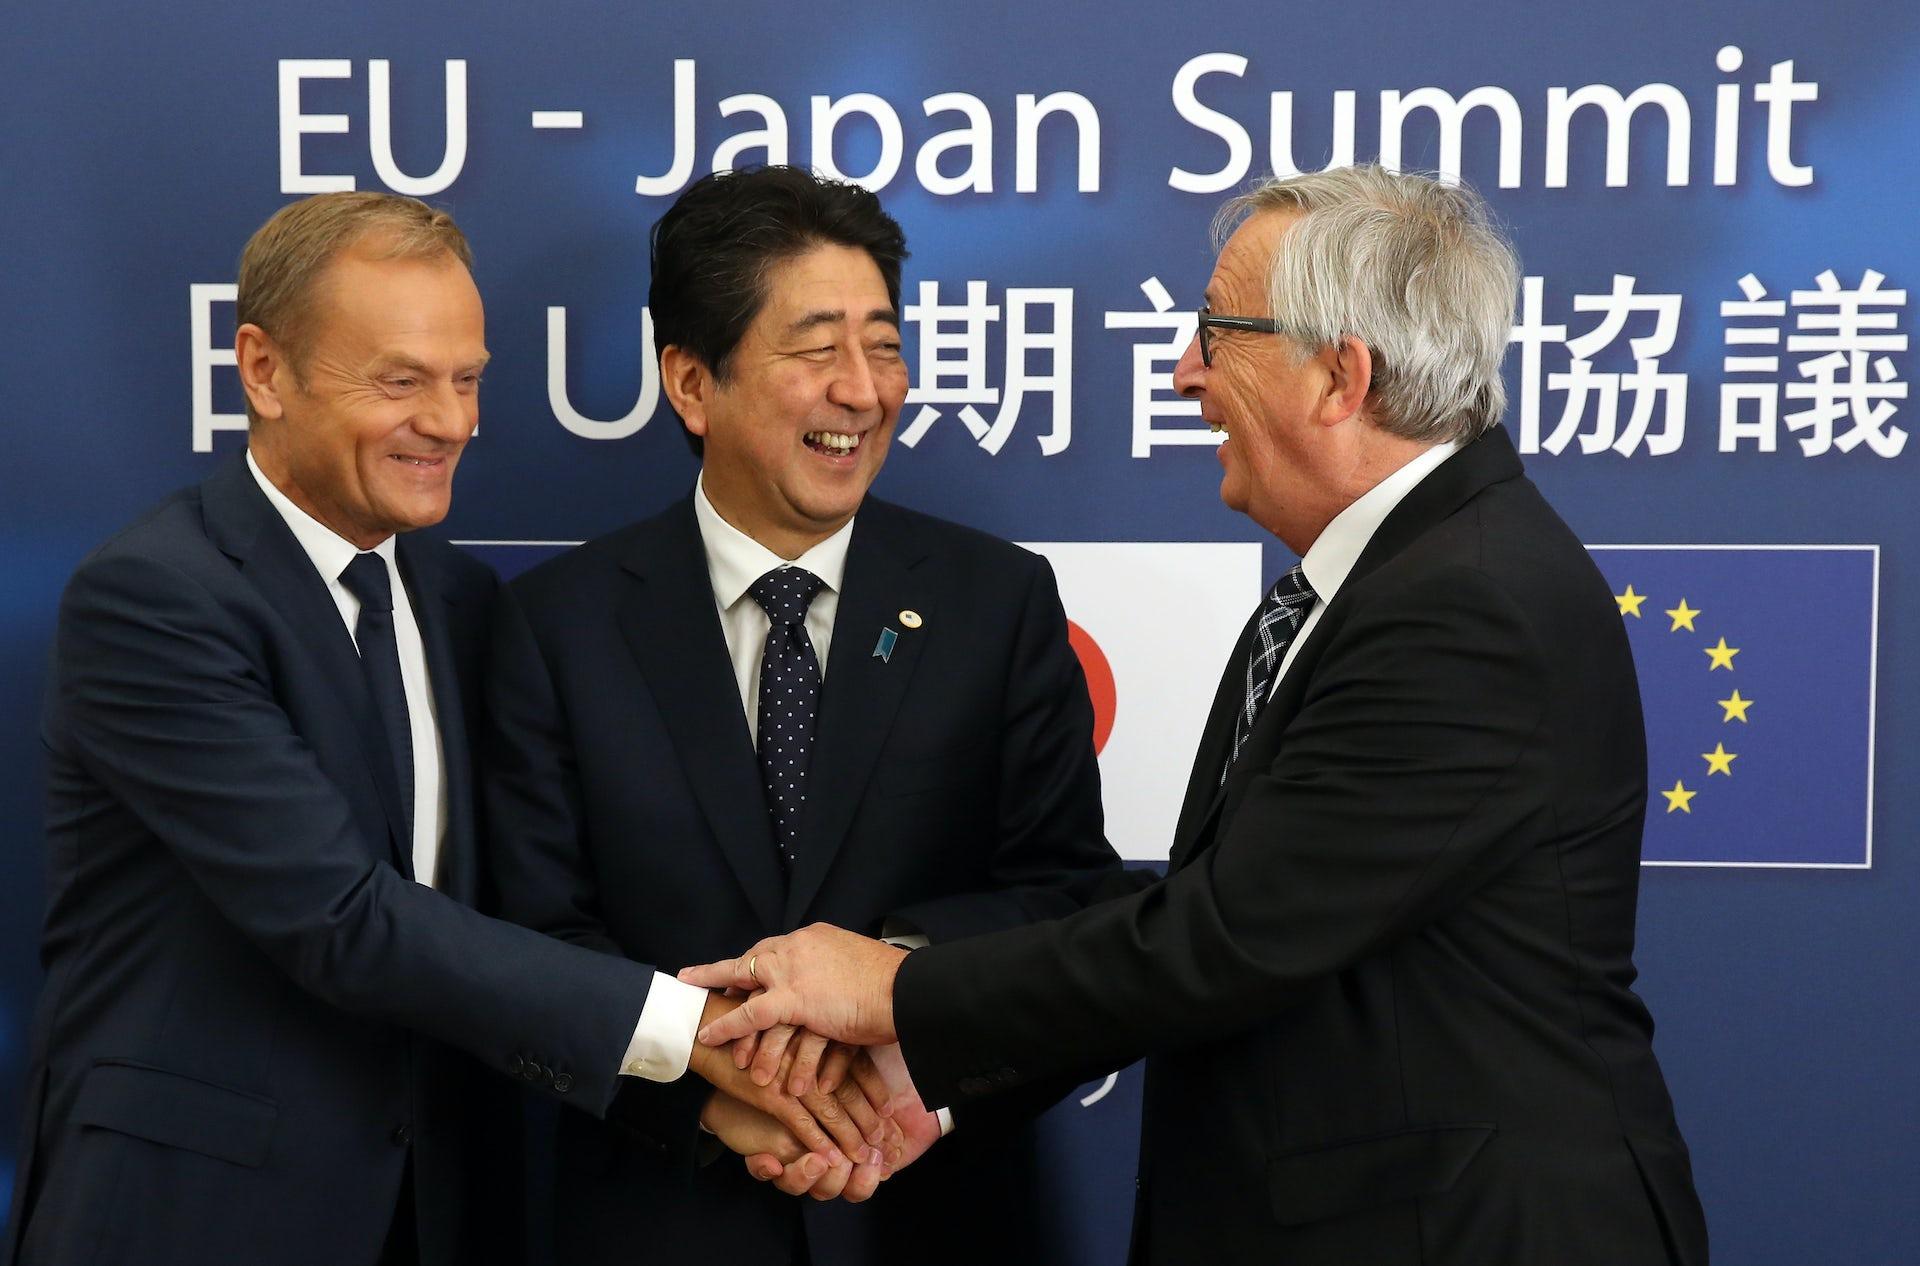 Τίθεται σε ισχύ η εμπορική συμφωνία ΕΕ-Ιαπωνίας